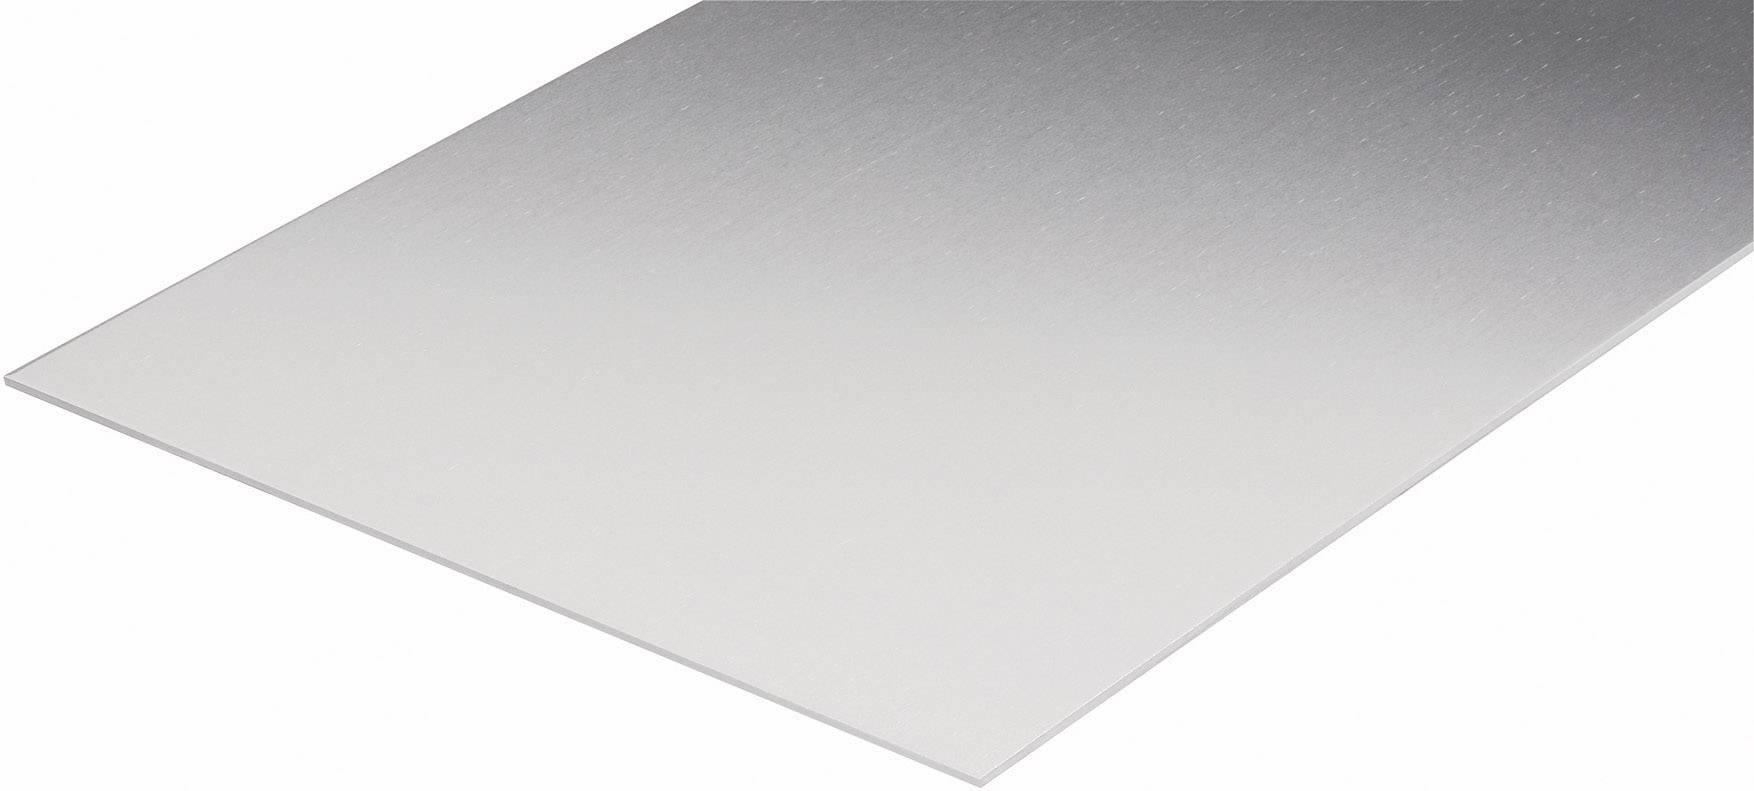 Hliníková deska Al-Mg 3 Modelcraft, 400 x 200 x 4 mm